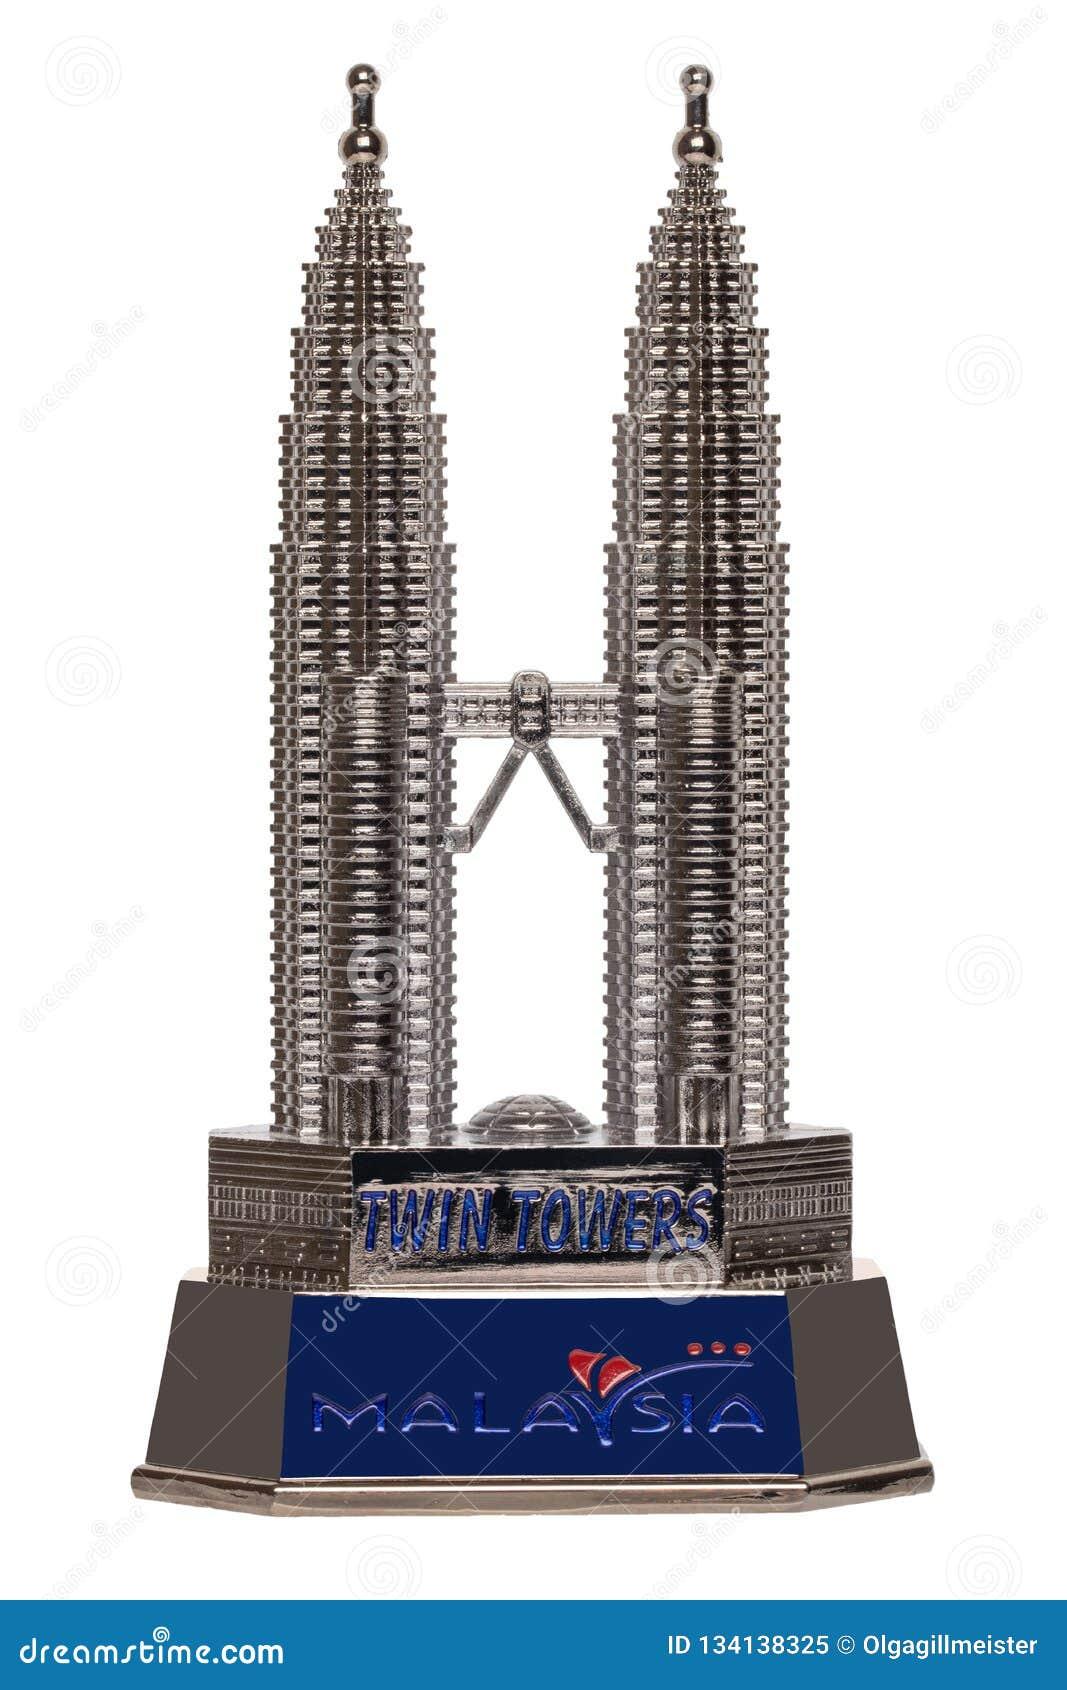 Έννοια αρχιτεκτονικής και κτηρίων Ένα αναμνηστικό έκανε από το μέταλλο massiv των δίδυμων πύργων Petronas που απομονώθηκαν σε ένα